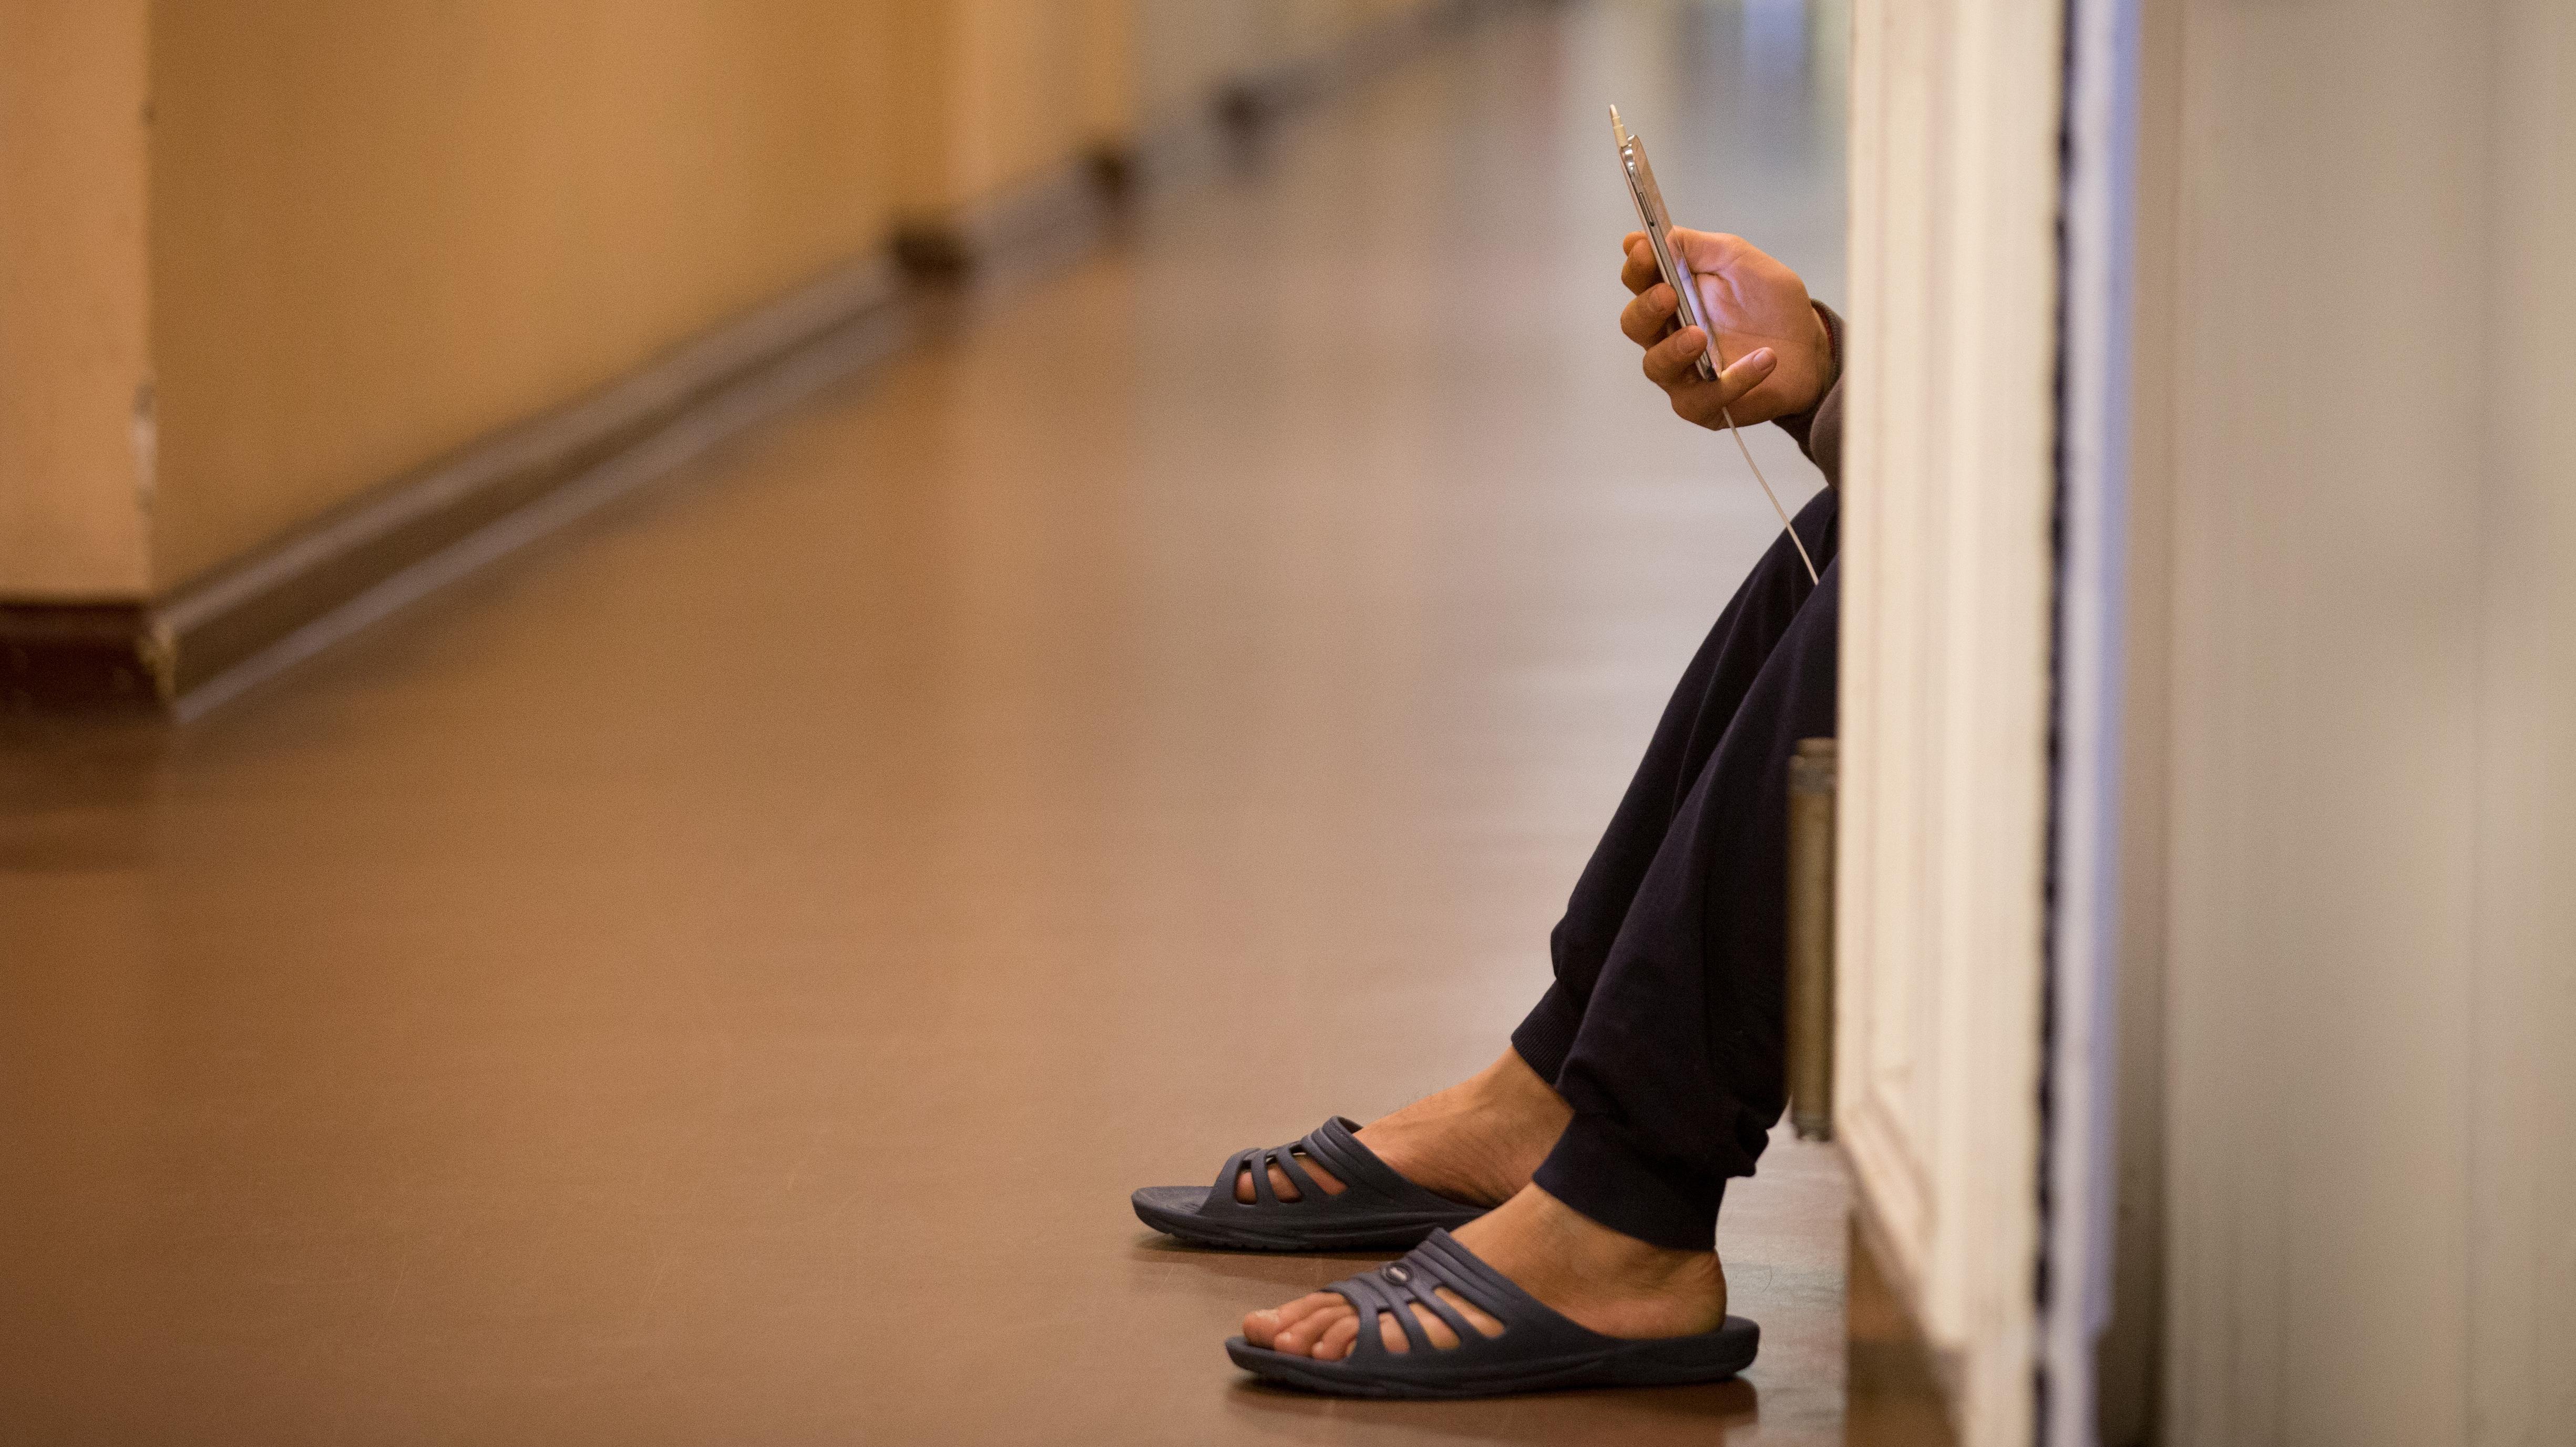 Ein in einem Gang hockender Flüchtling beschäftigt sich mit seinem Handy